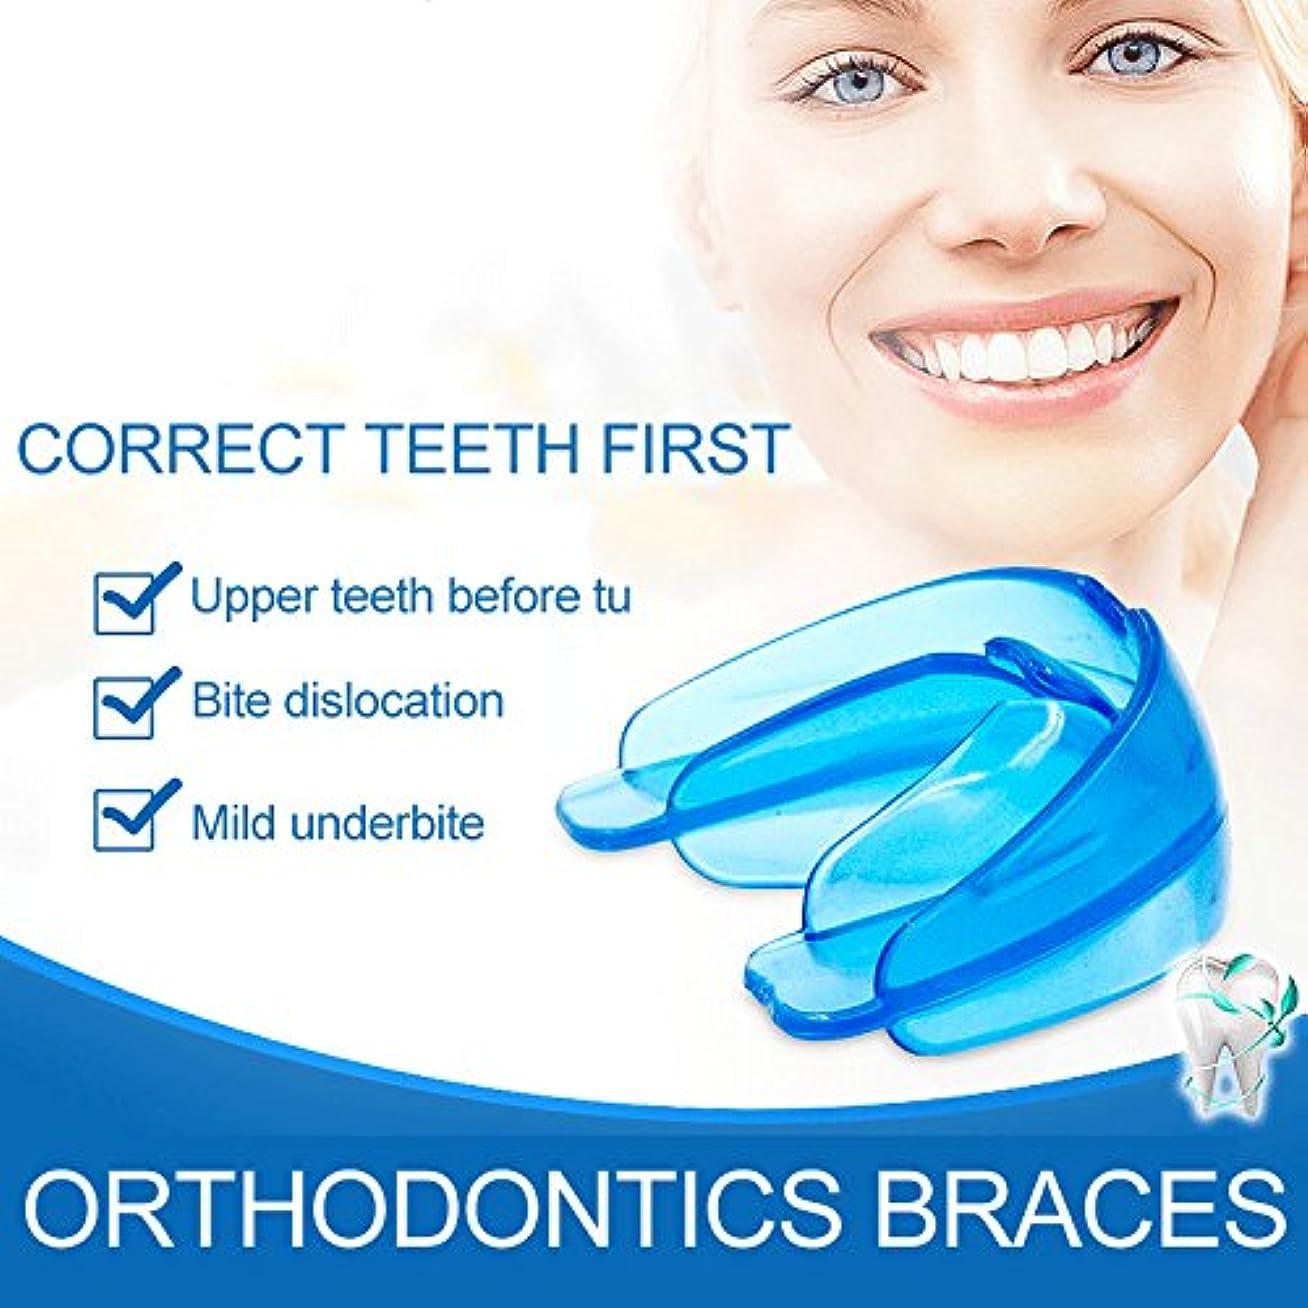 レビュアー戻すテンポ歯科矯正 歯科 矯正用固位器 直歯システム 使いやすい ブルー